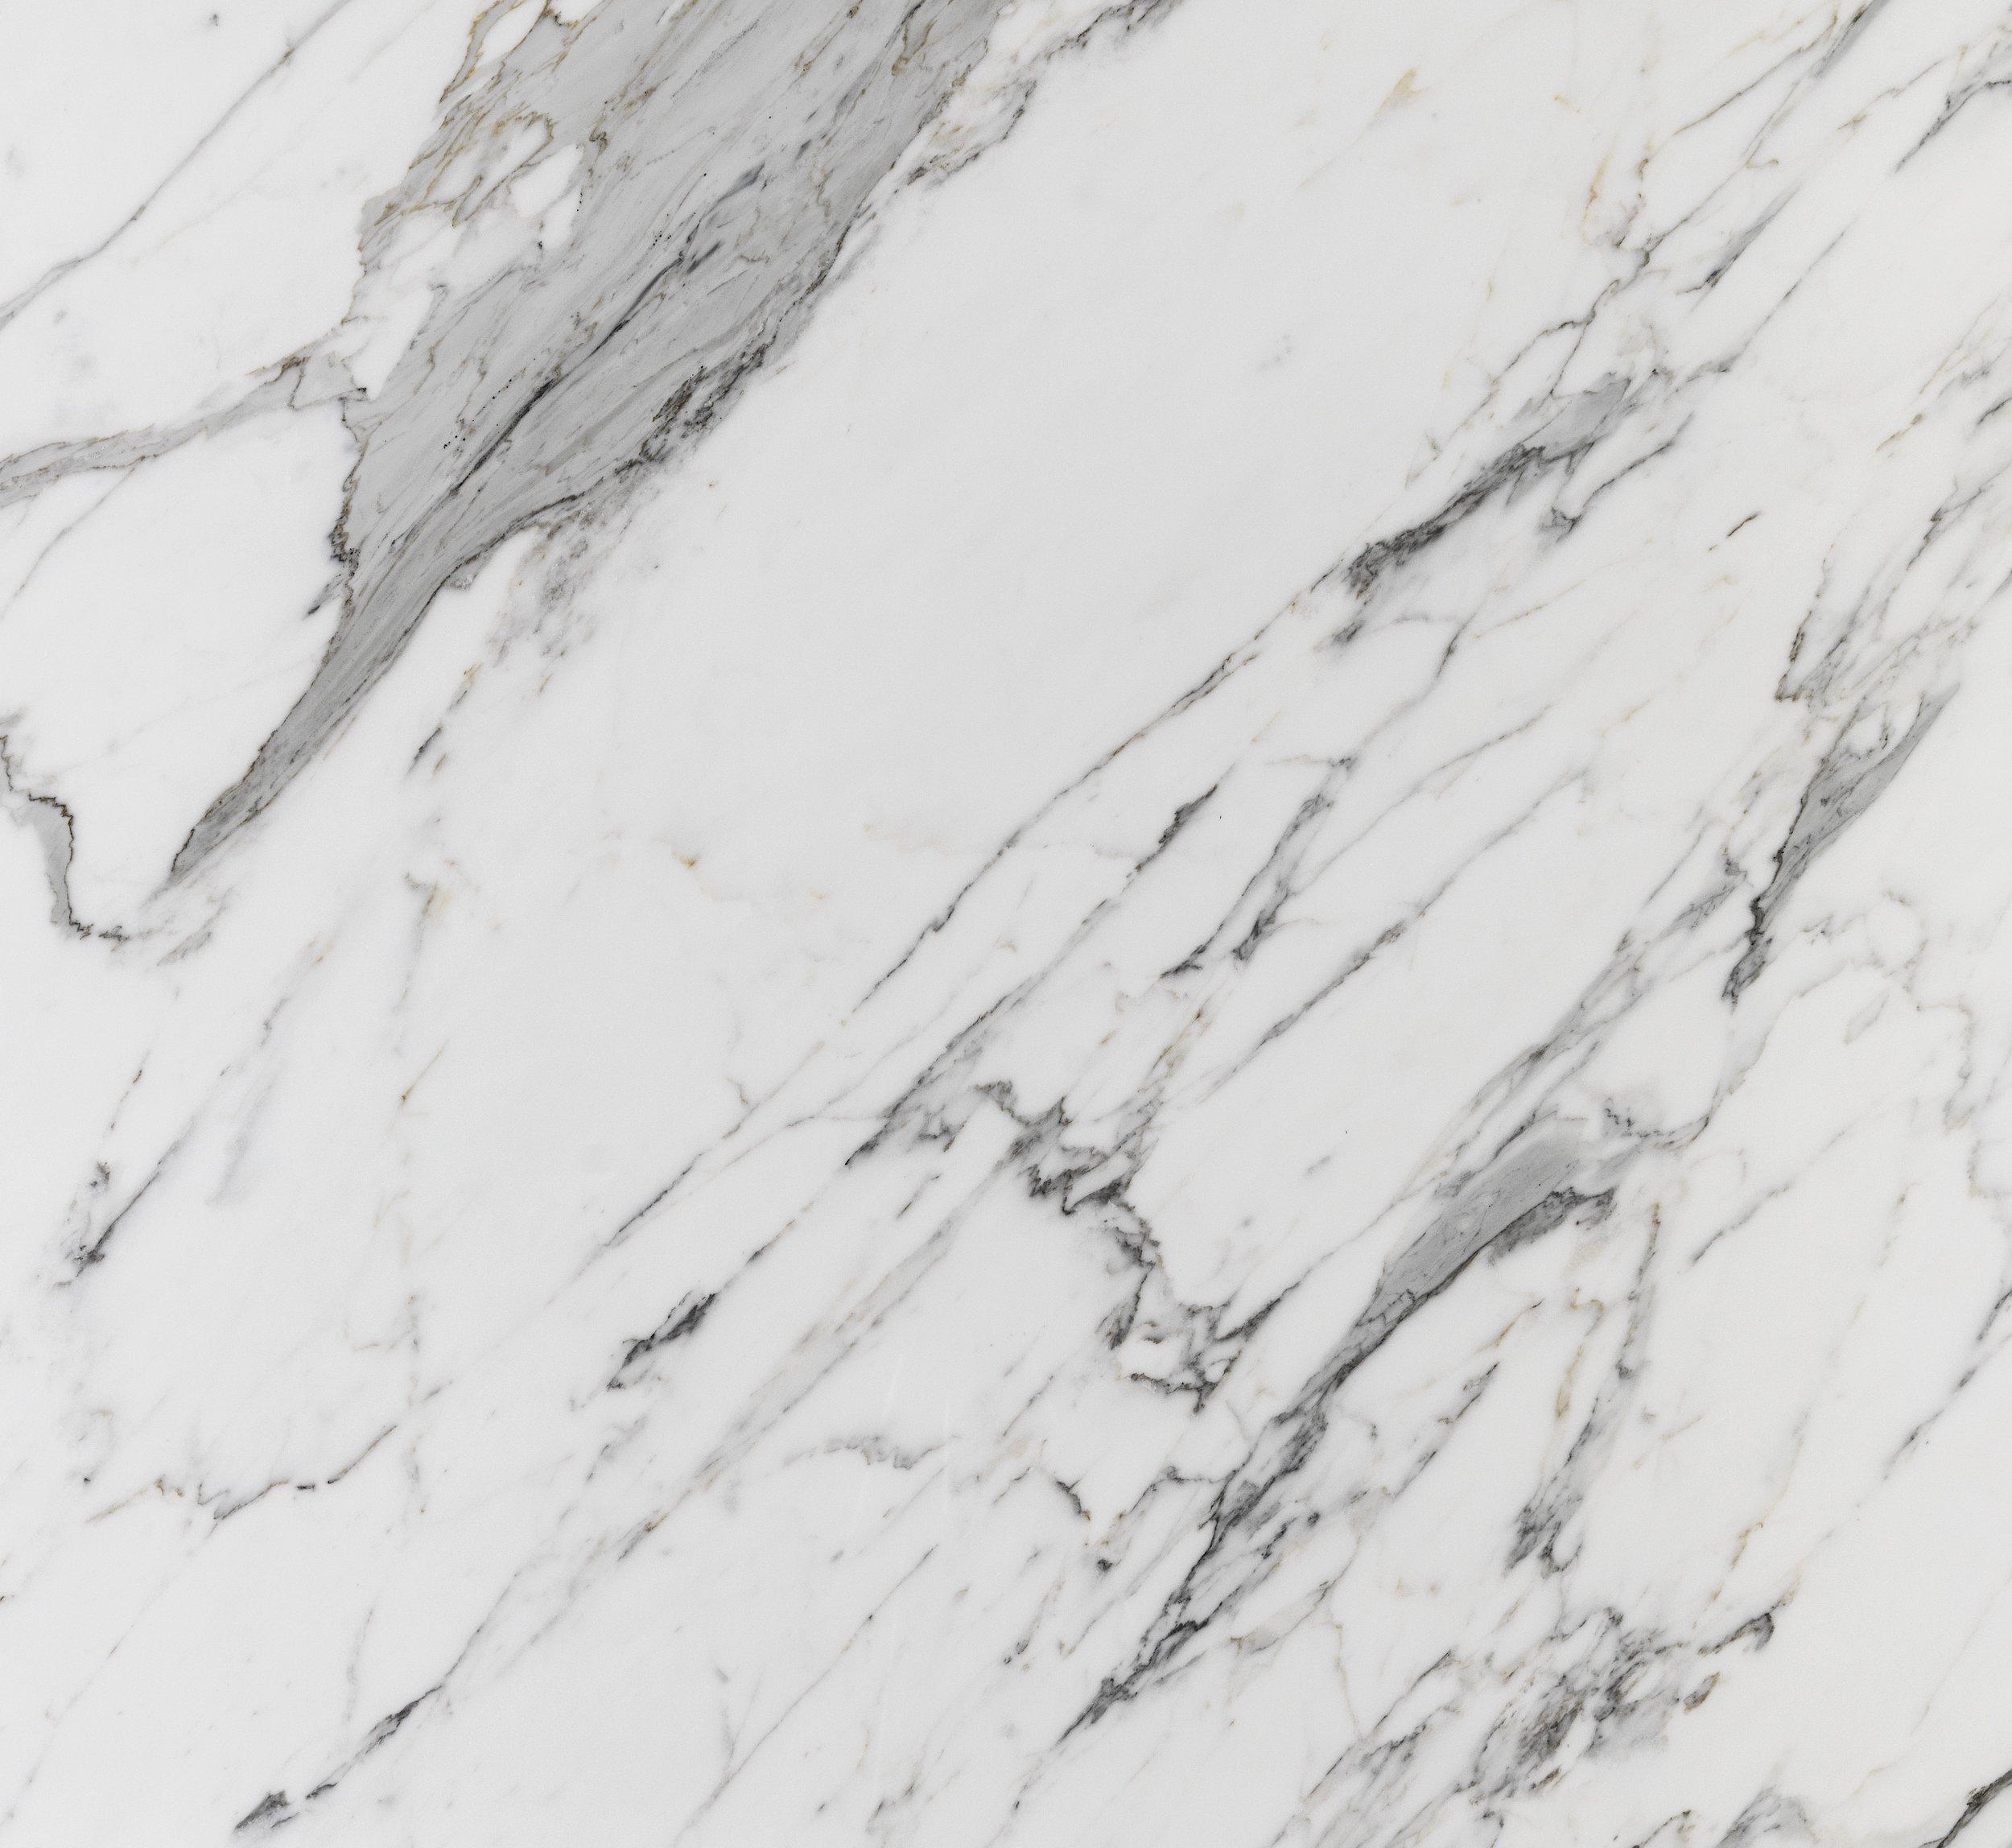 Carrara Marble copy 3.jpg